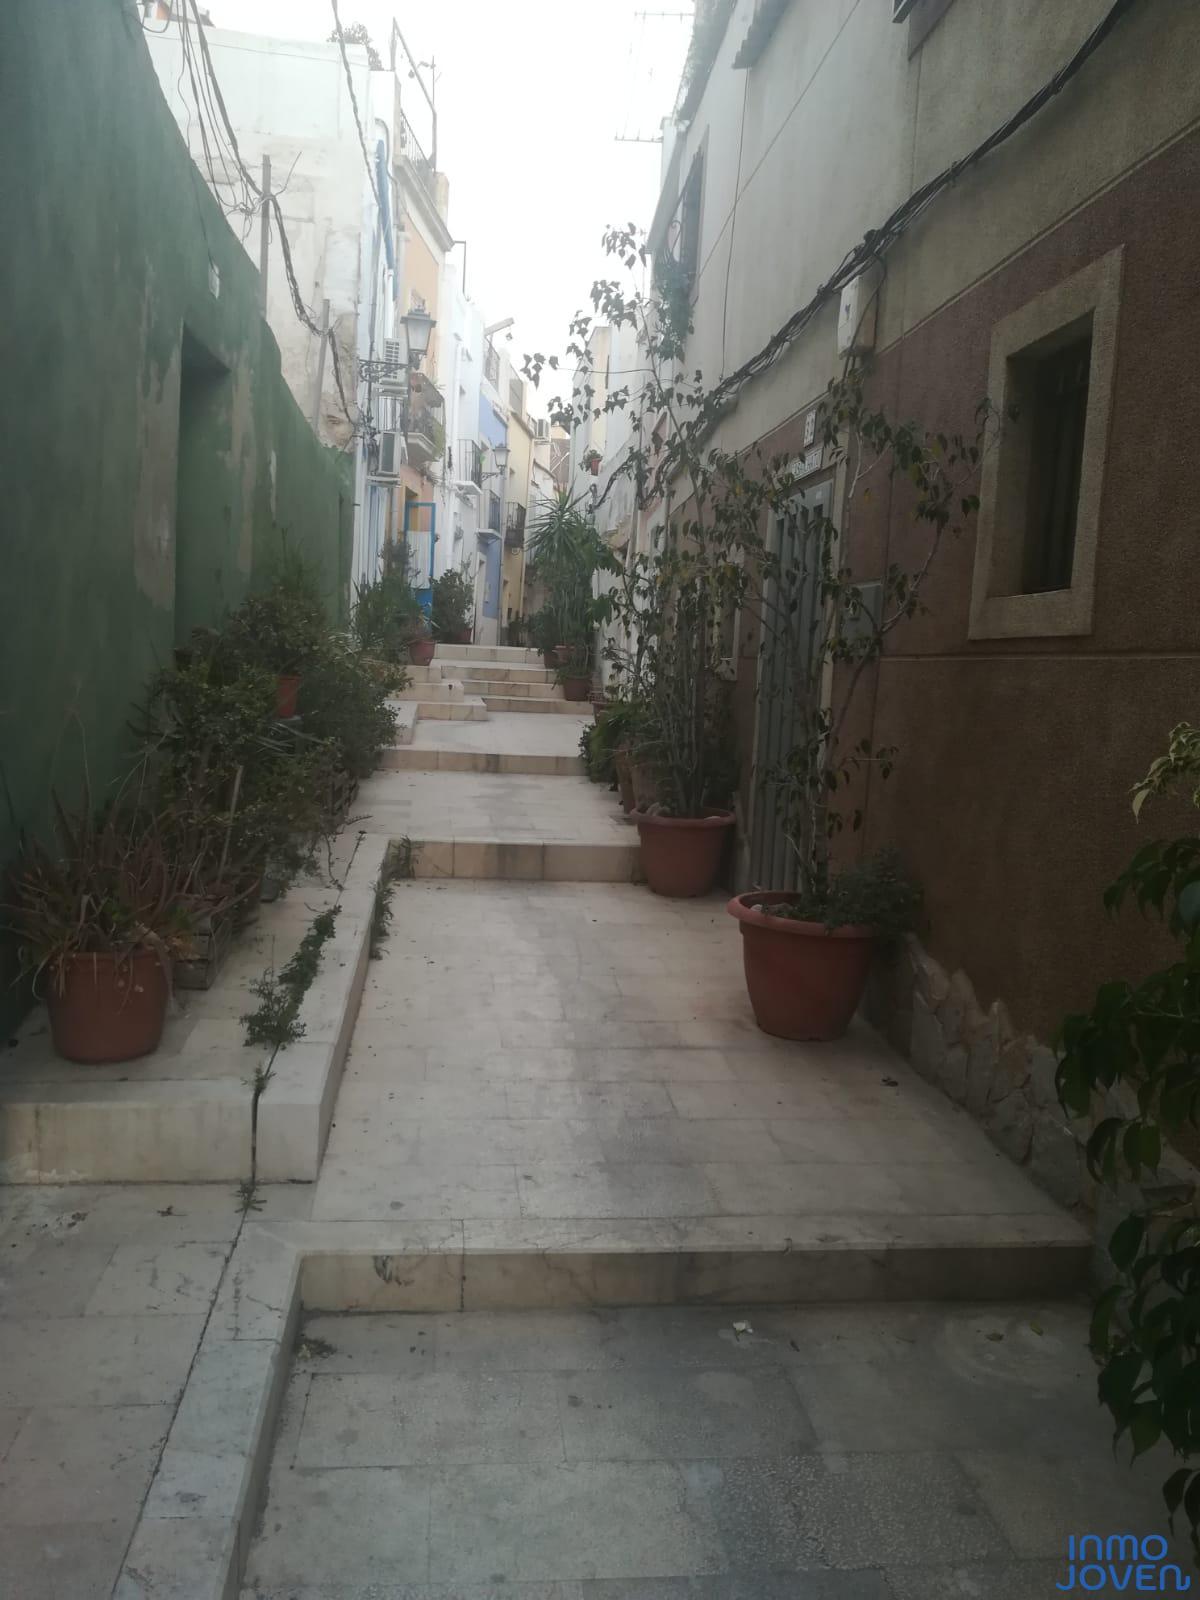 1102  Duplex en calle San Roque